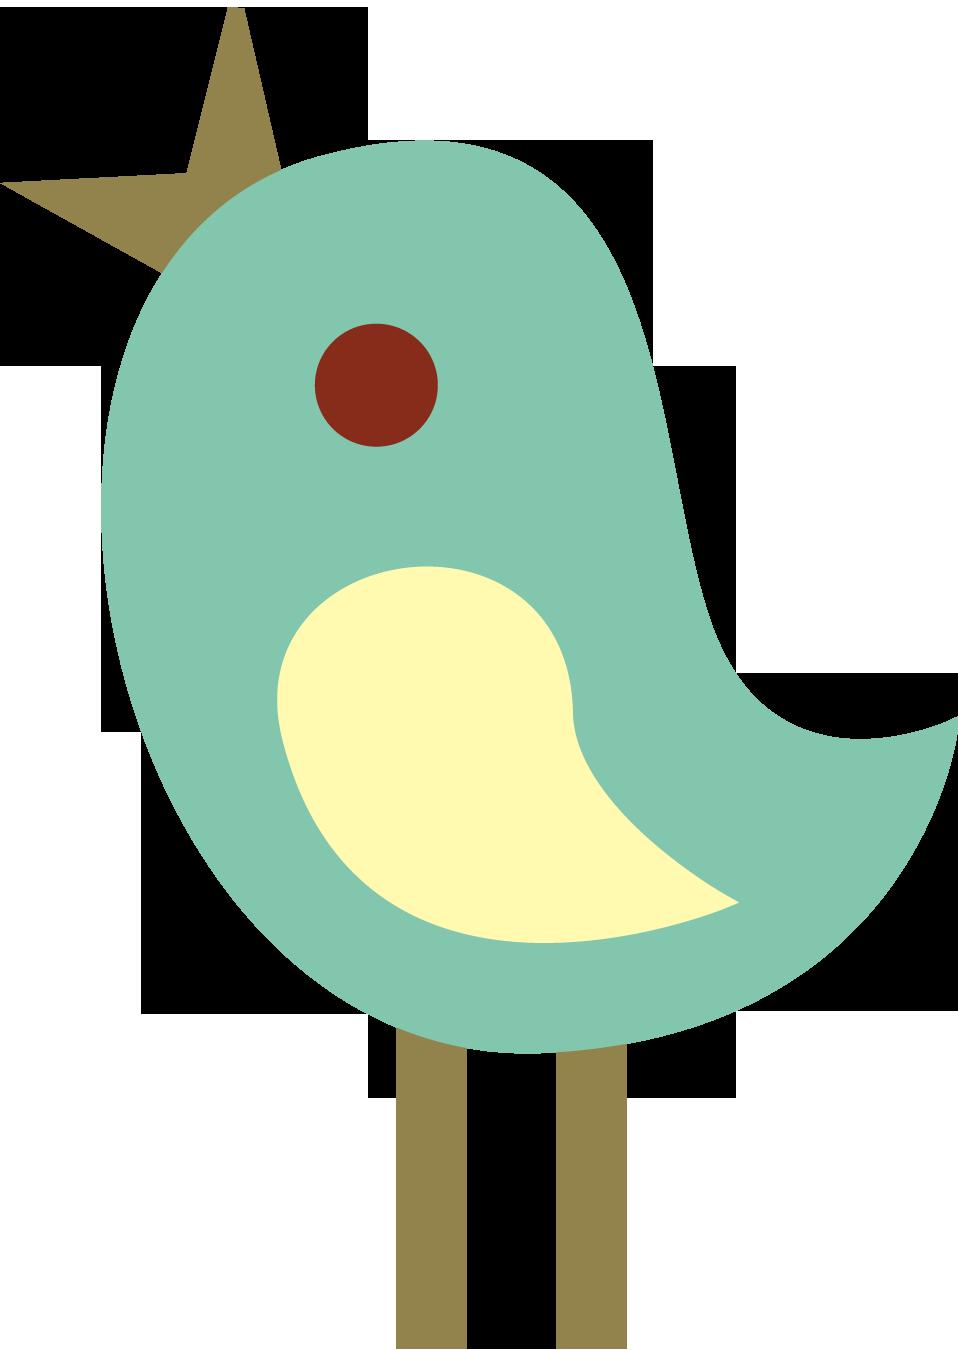 Cute Bird Clipart - Clipart Kid